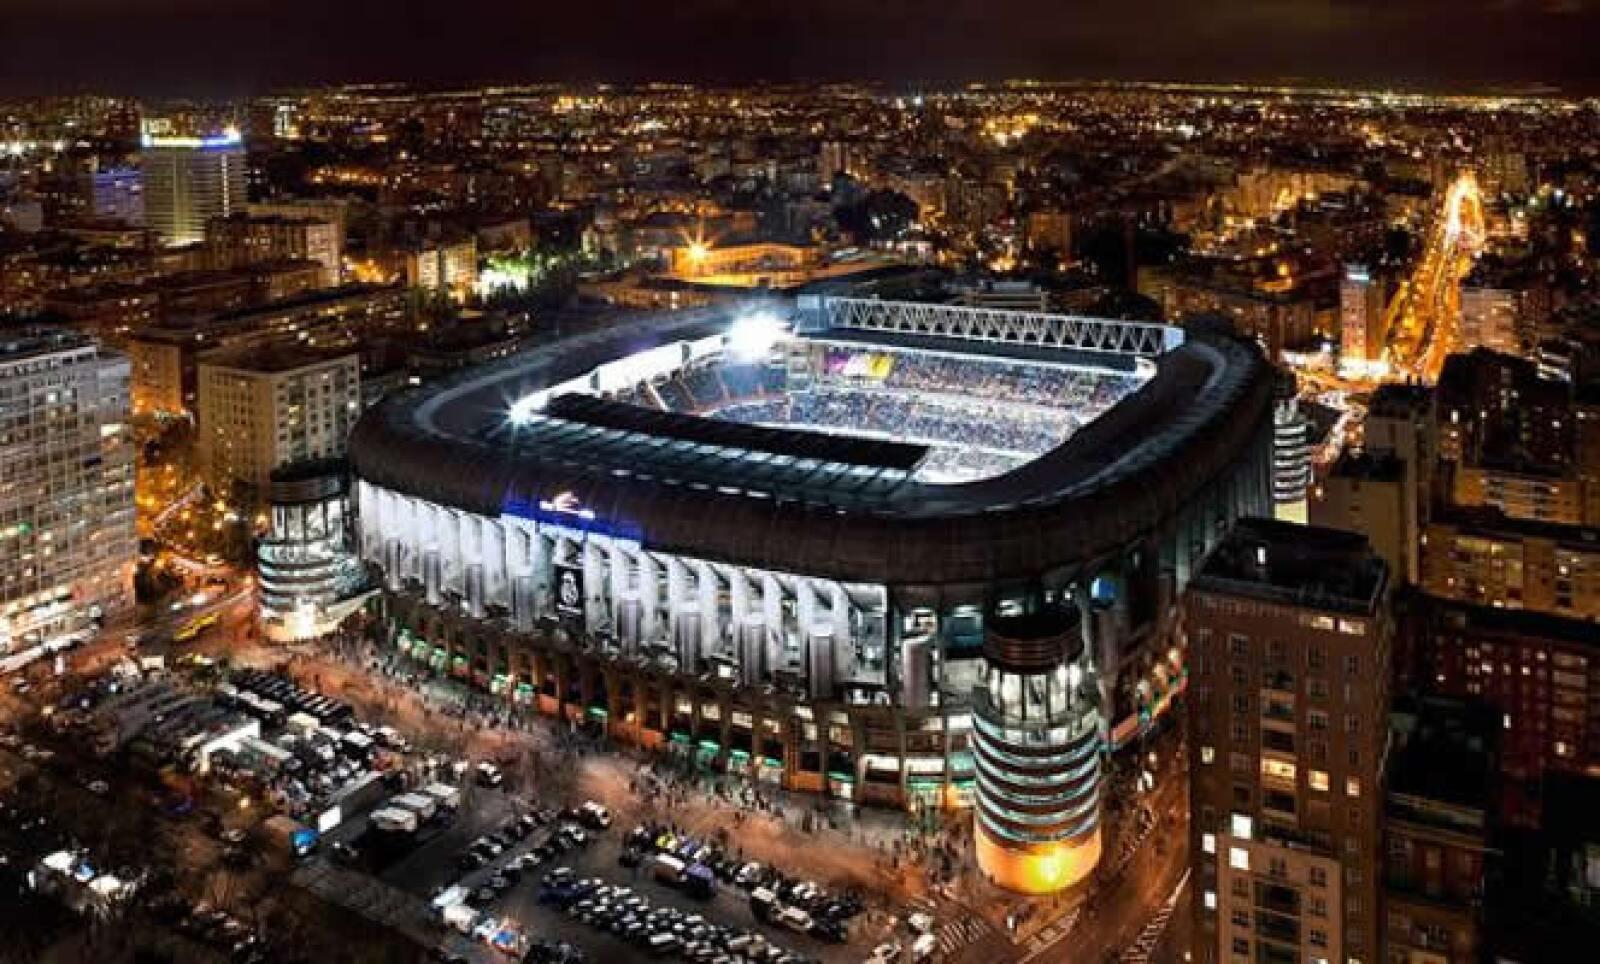 Los boletos para el estadio en un partido regular van desde los 28 a los 145 euros; mientras que en la zona VIP van de los 225 a los 400 euros.